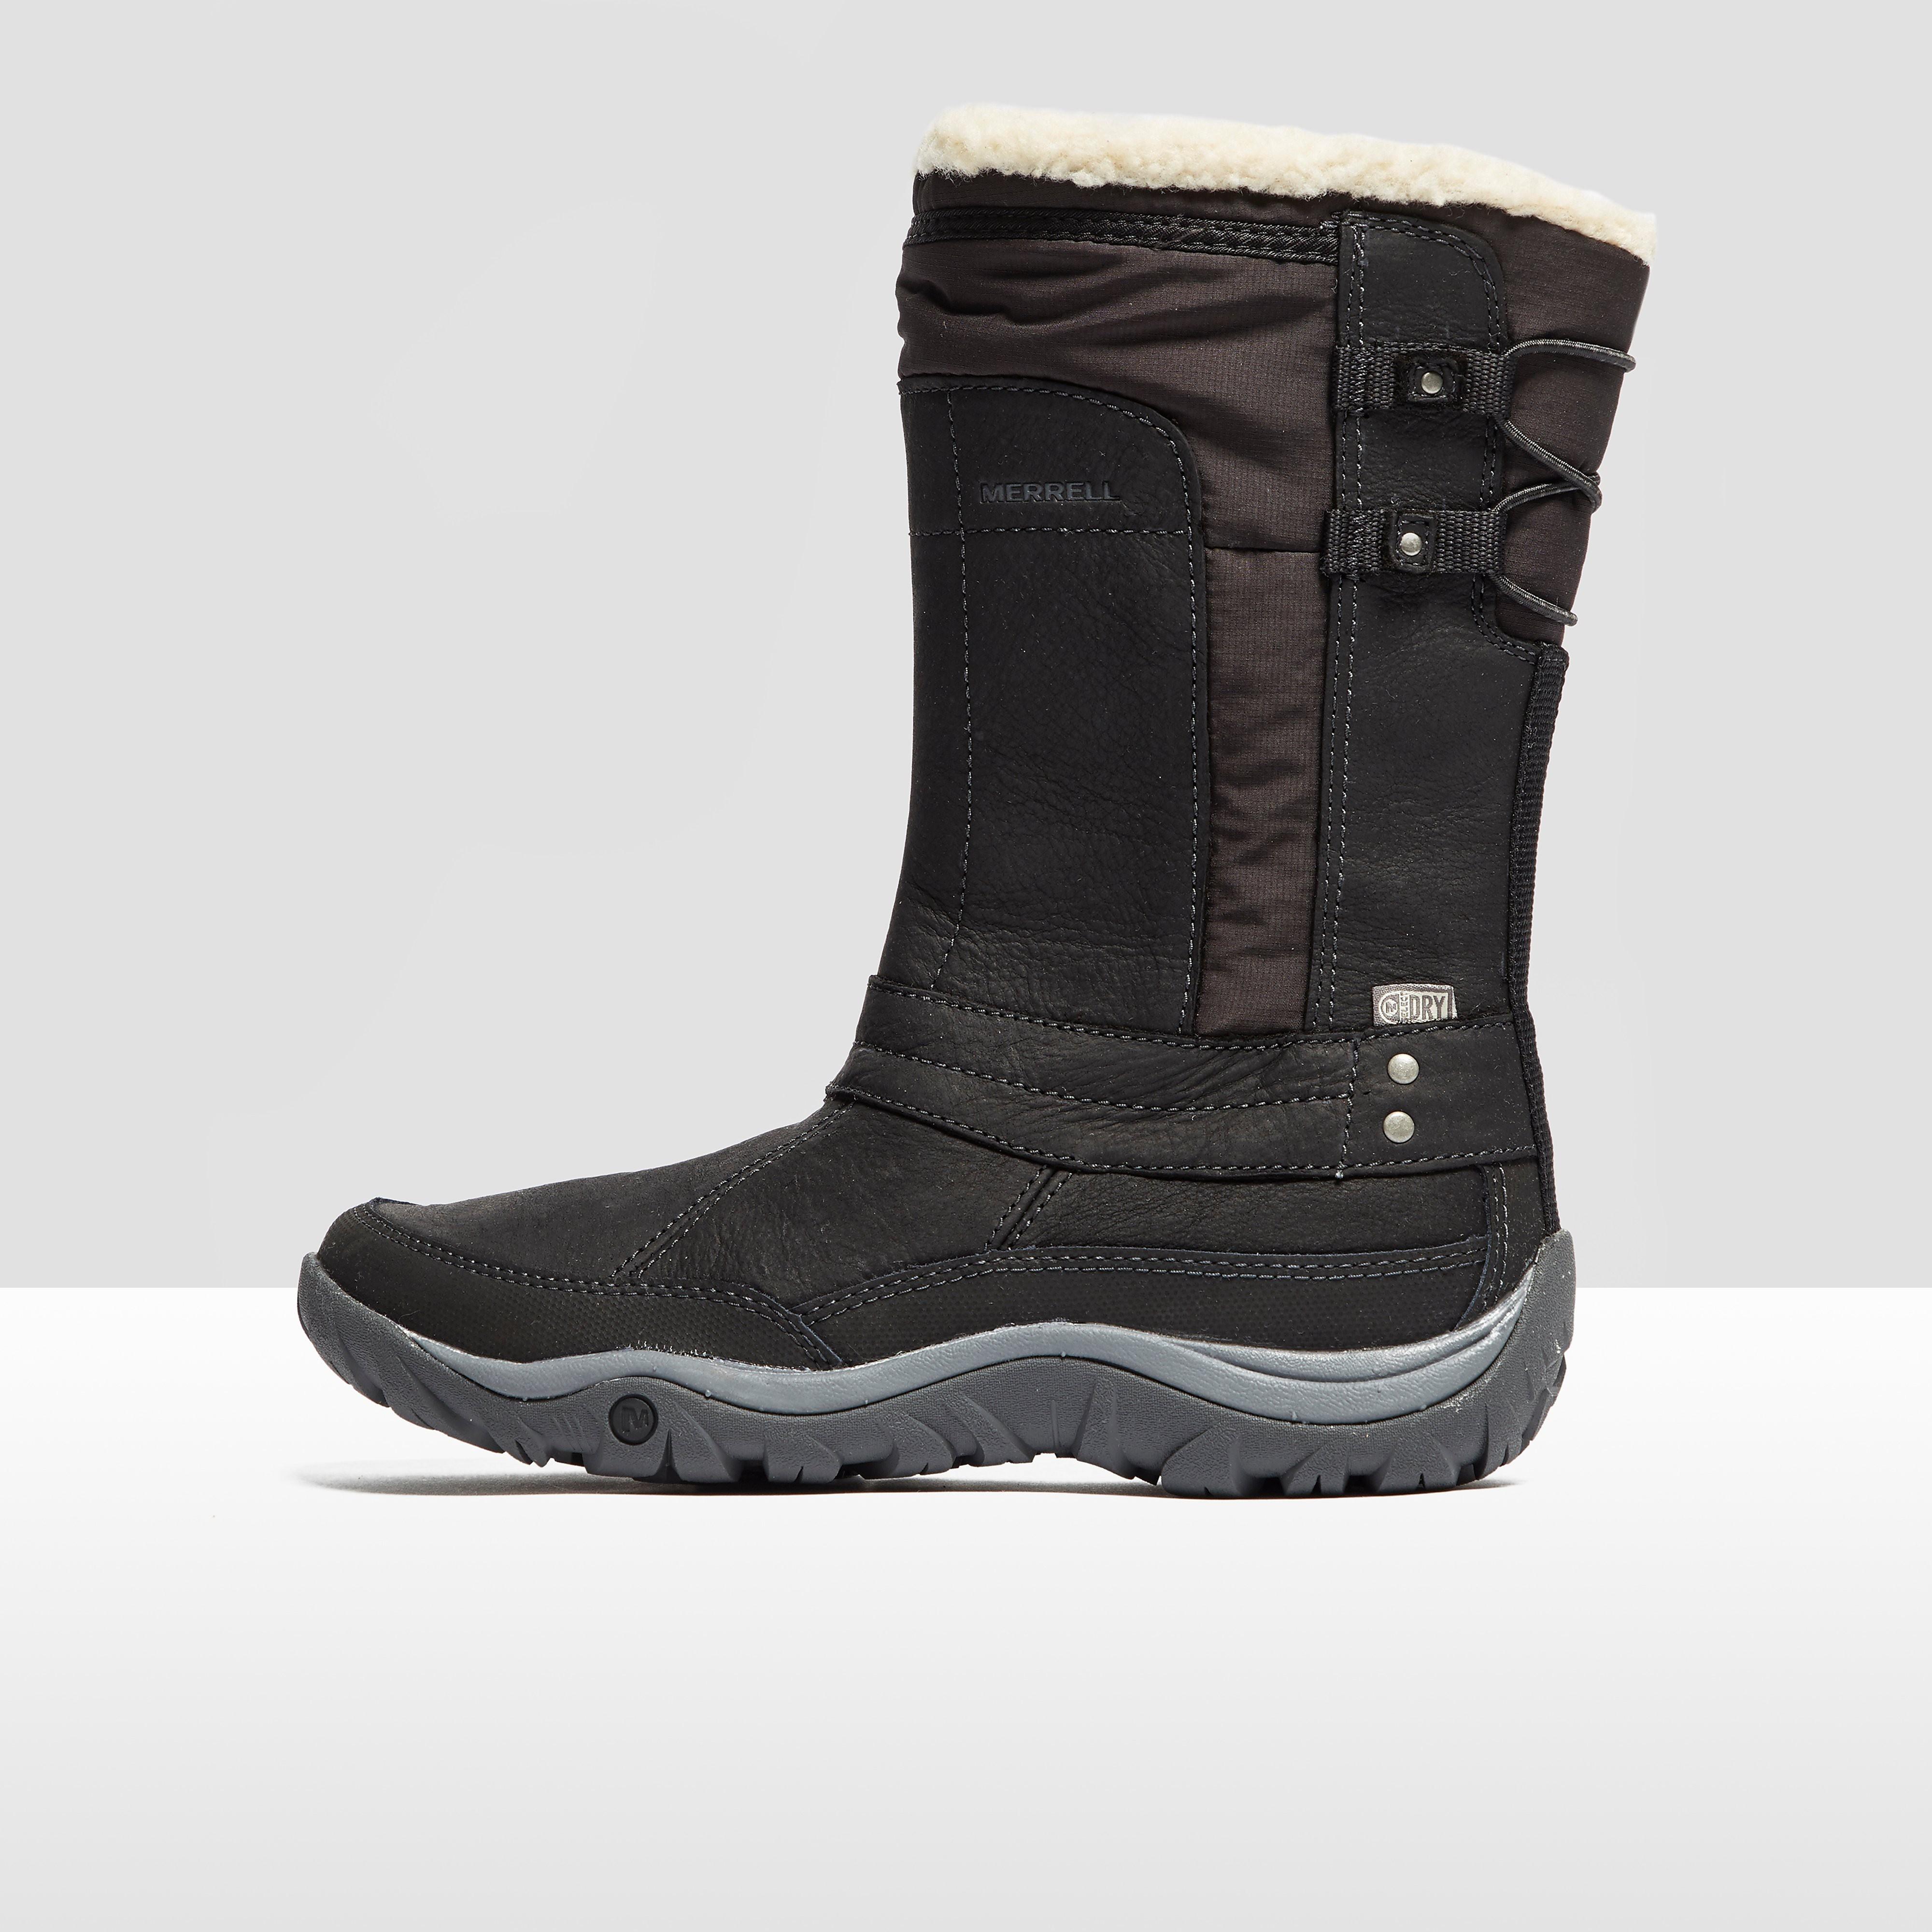 Merrell Women's Murren Mid Waterproof Boots